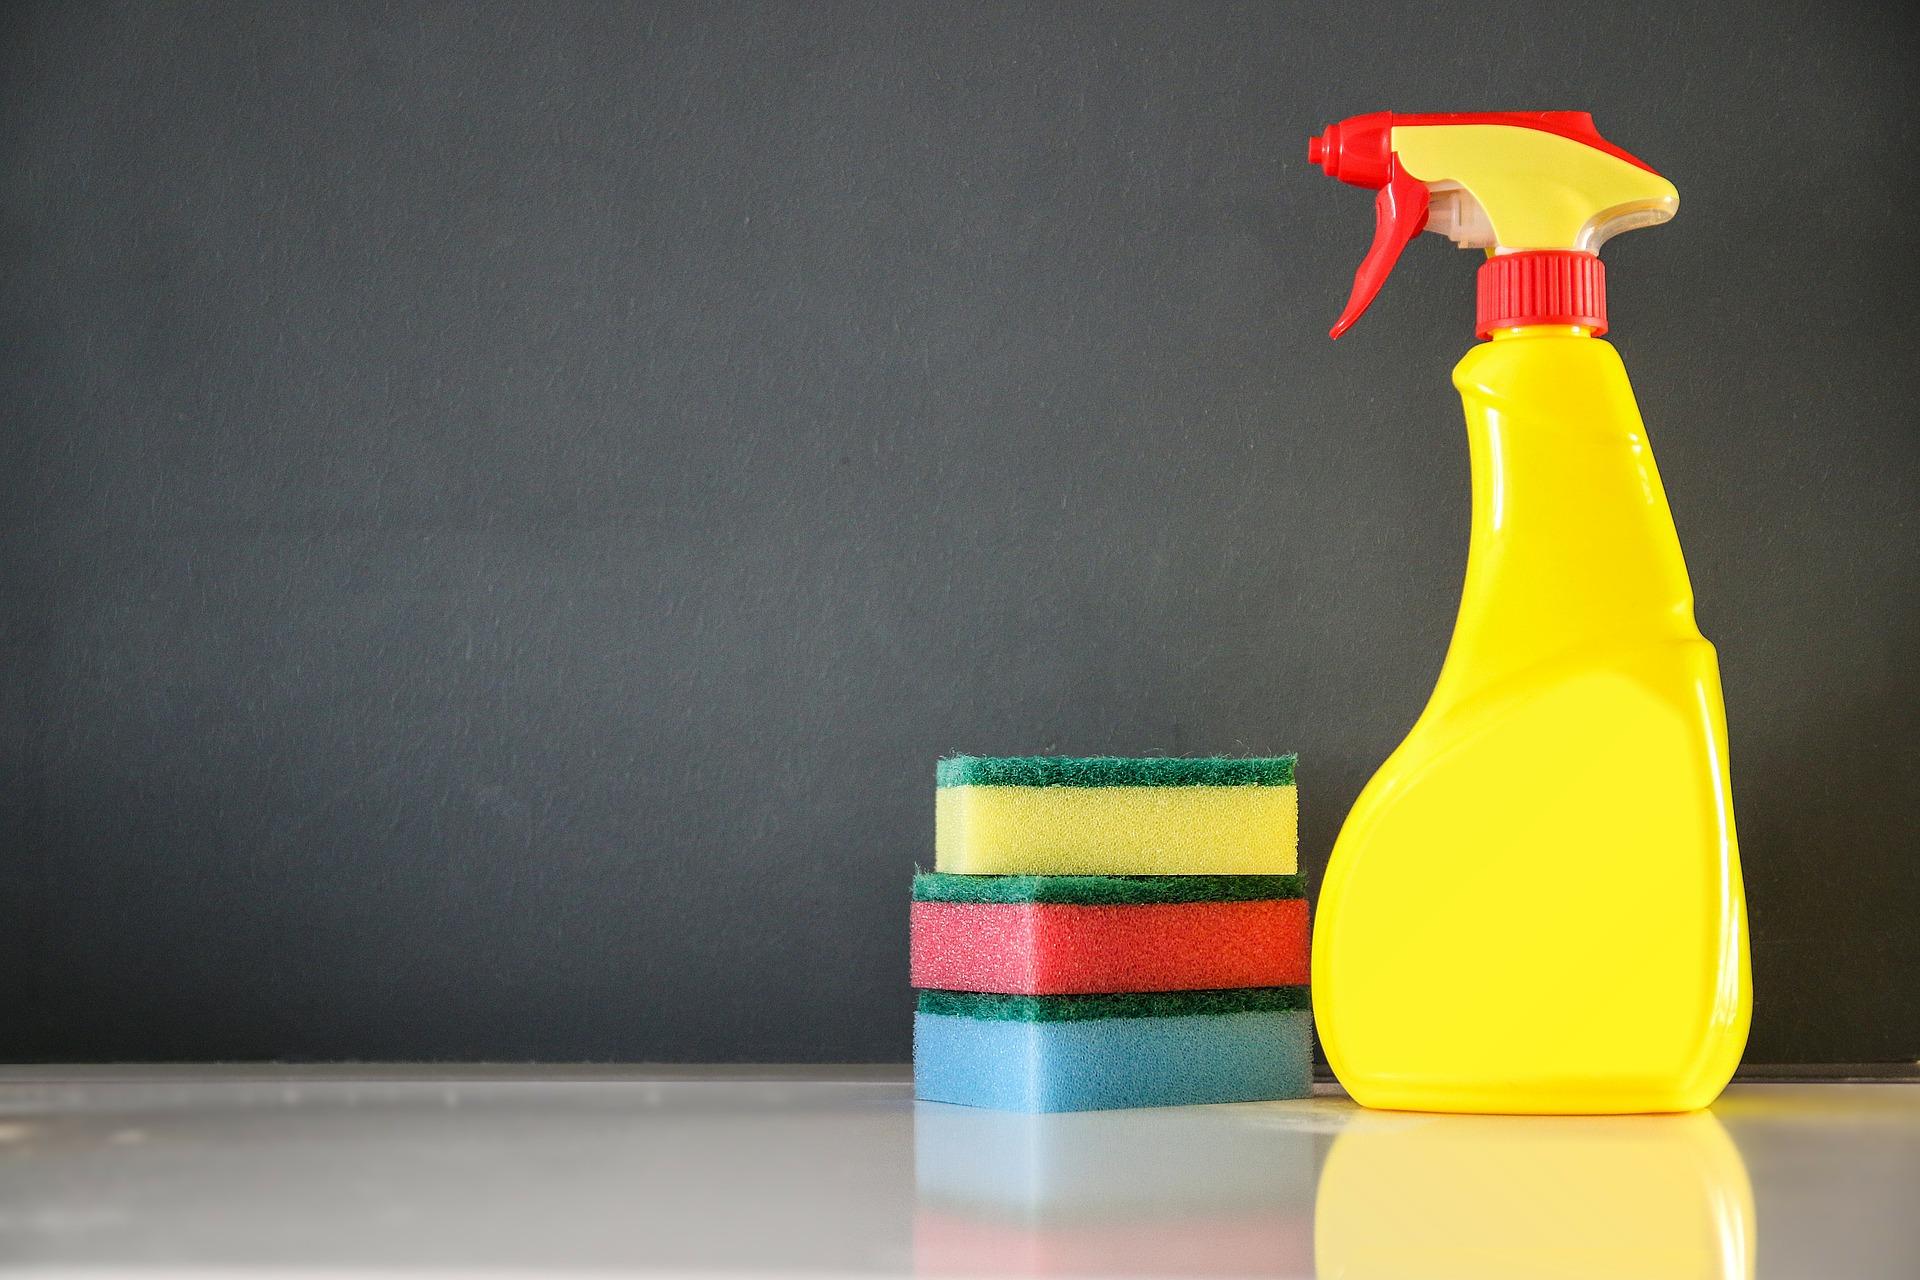 Tips om je woning schoon te maken #schoonmaken